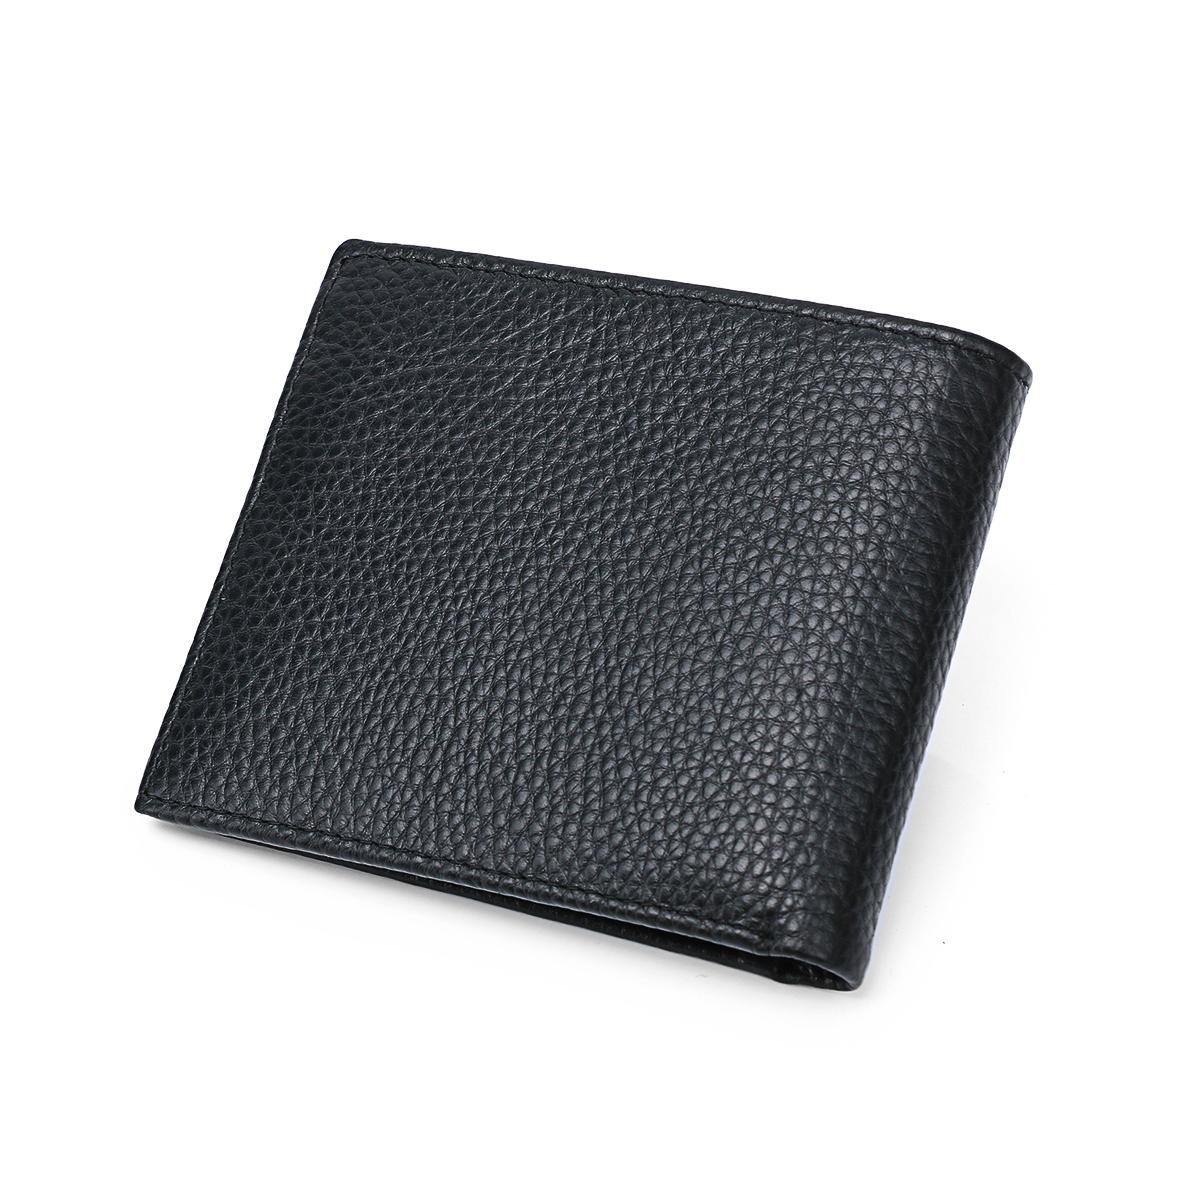 9133785701 凯洛恩男士驾驶照多卡位真皮短钱包 . 卡罗纹